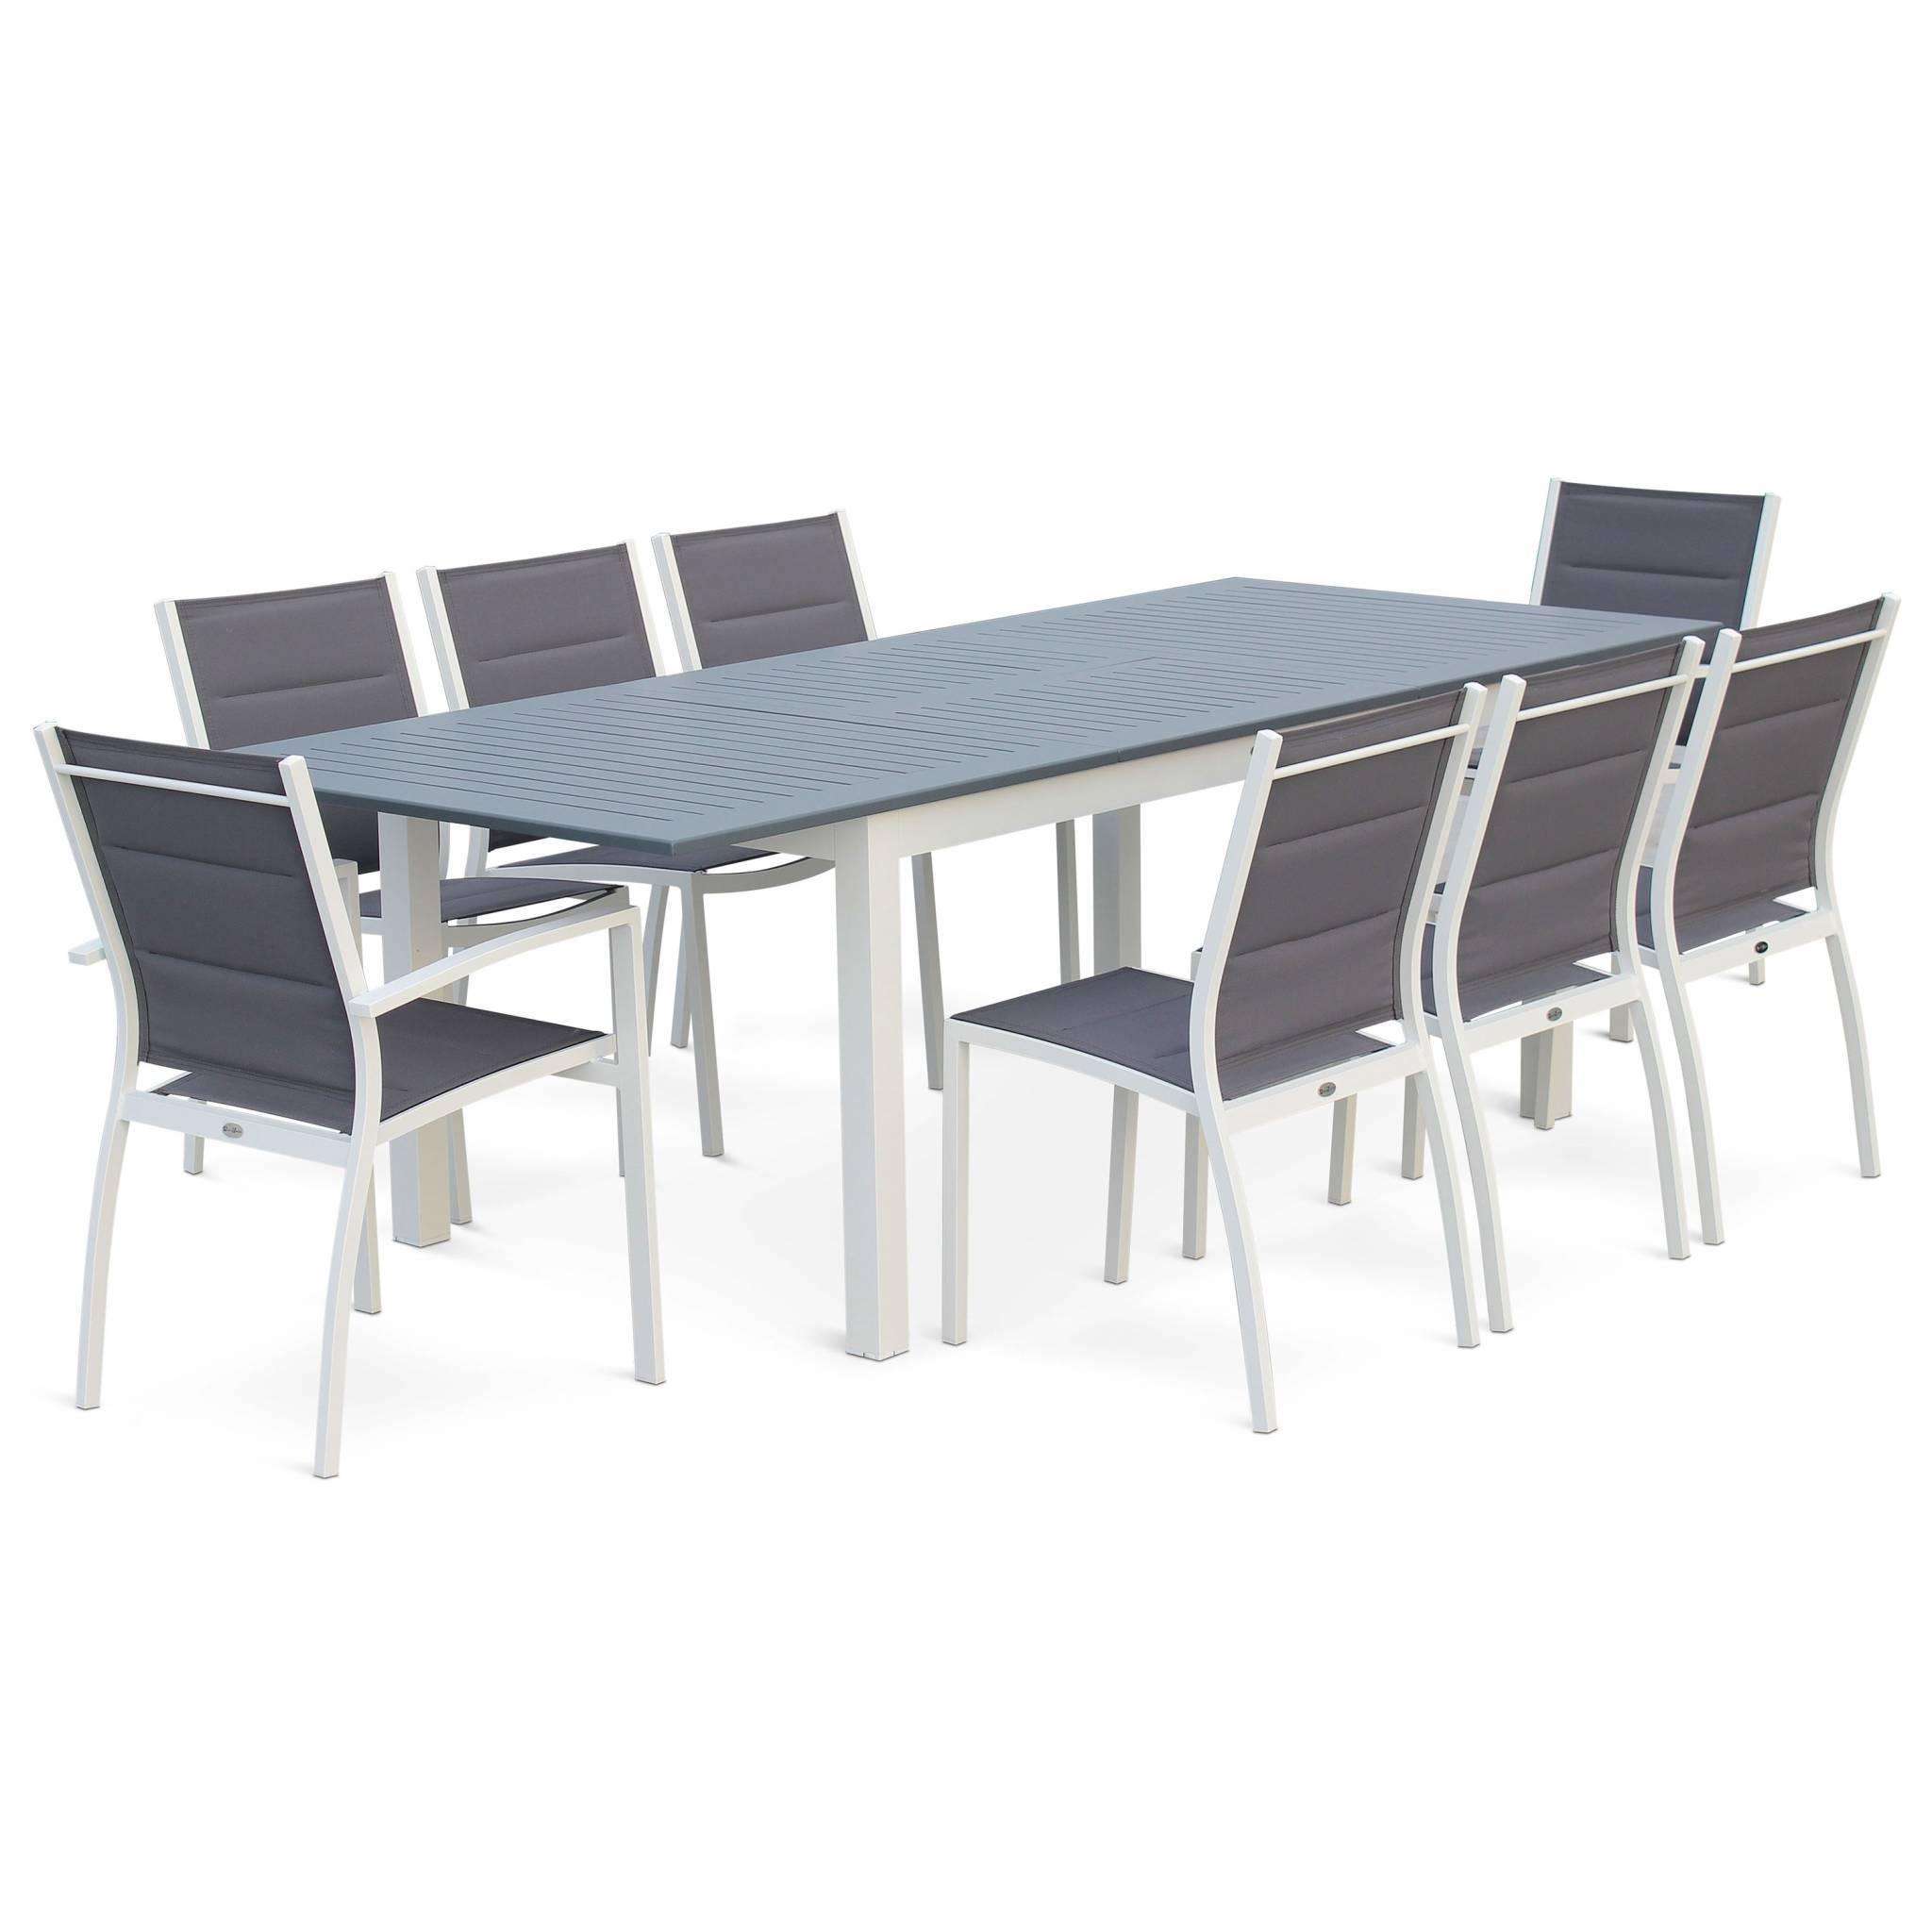 Salon de jardin 8 places Chicago - Table à rallonge extensible 175/245cm alu blanc textilène gris bleuté